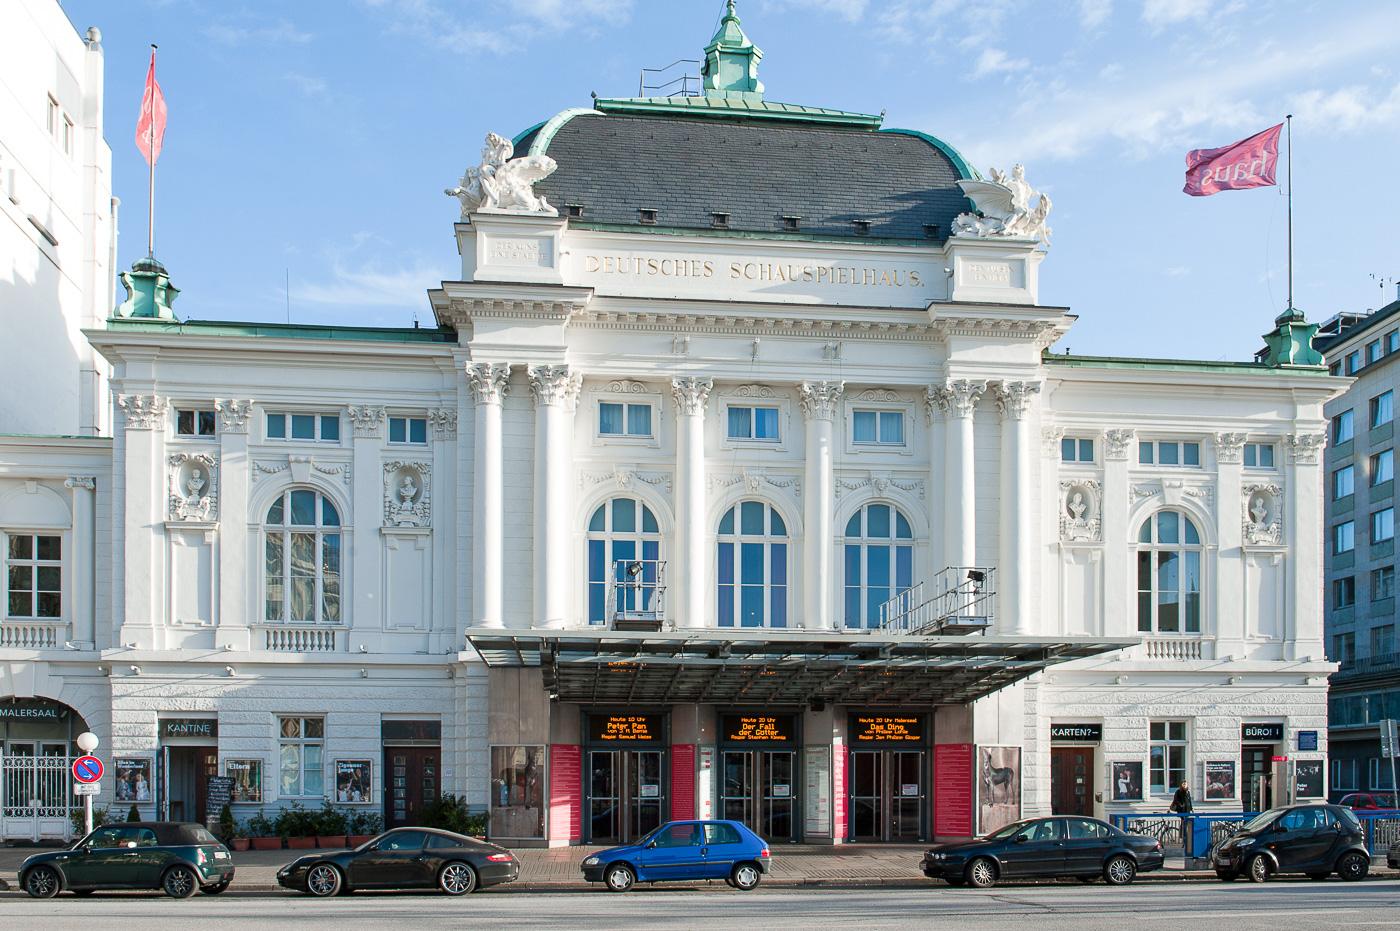 Foto ID 20160209 Deutsches Schauspielhaus, Hamburg, St. Georg